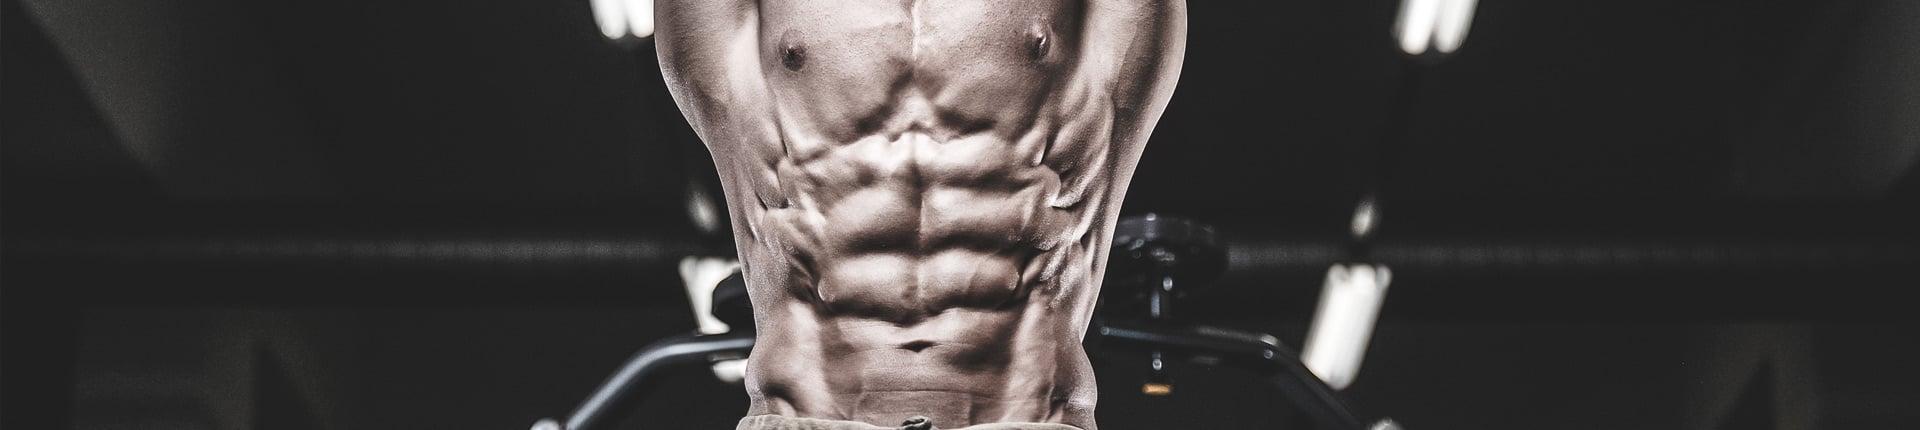 Dlaczego tak ciężko zgubić tłuszcz z brzucha?